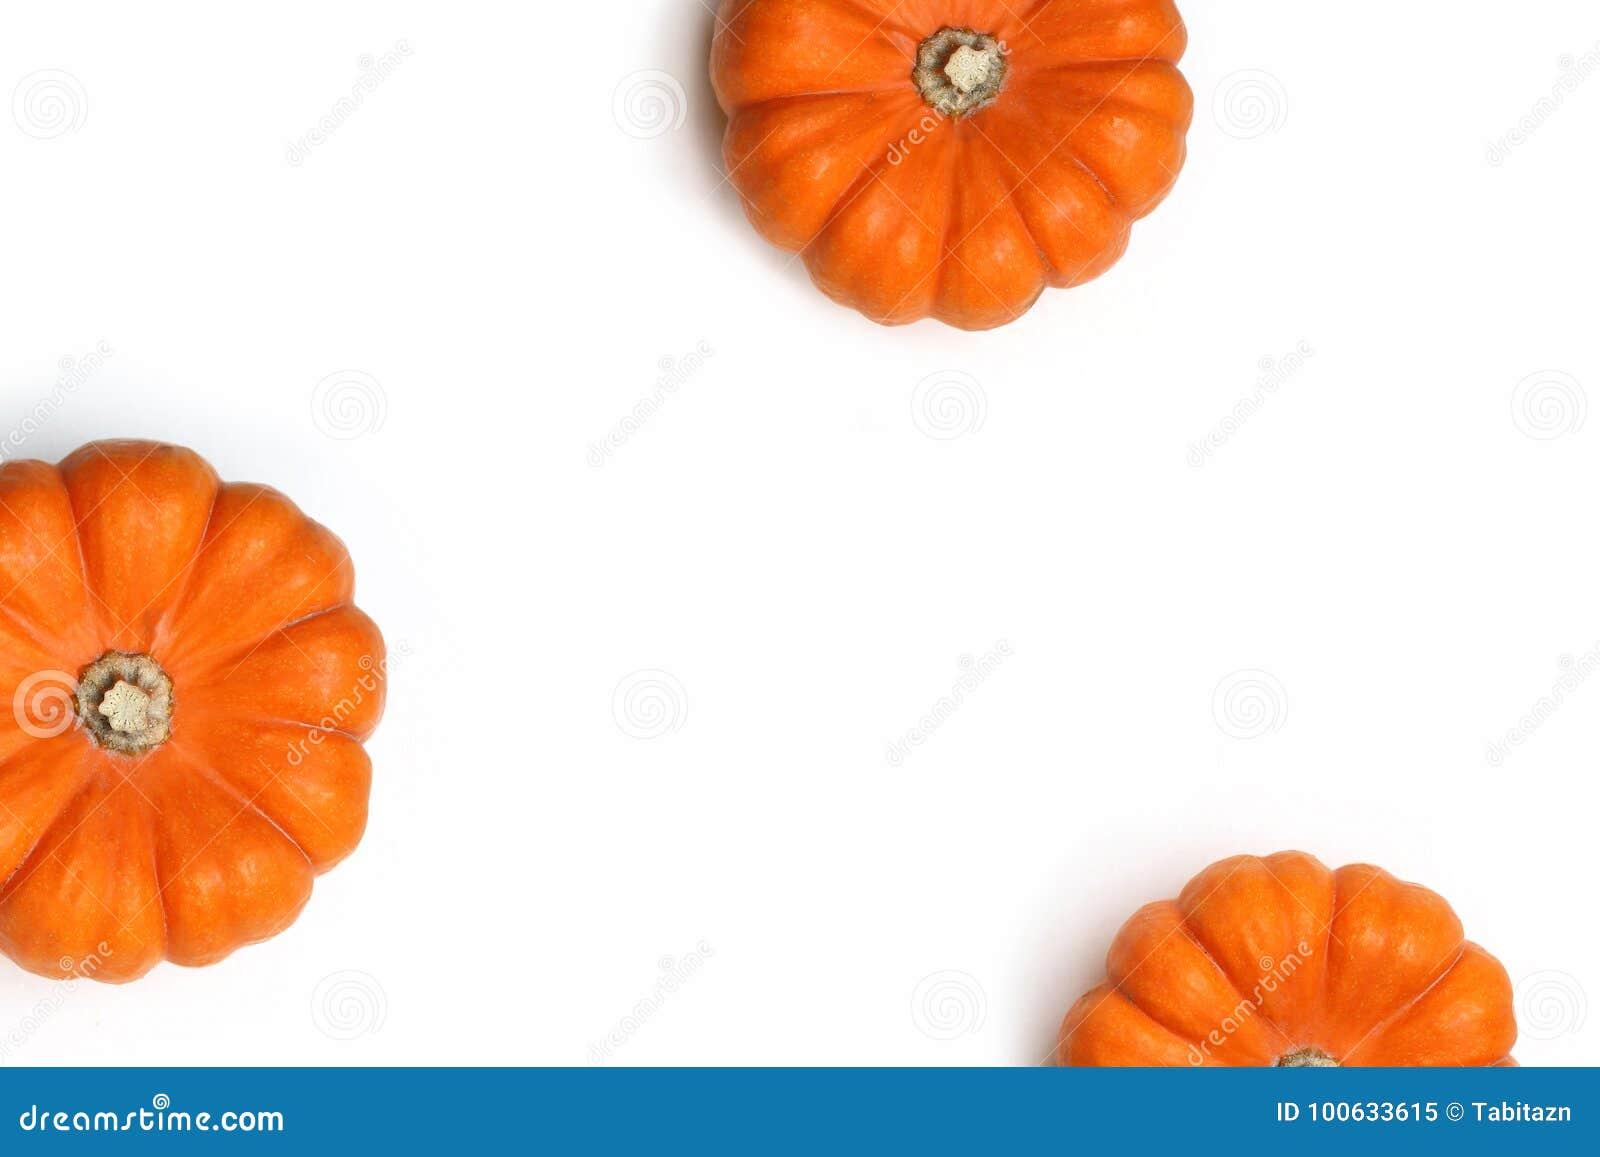 Herbstrahmen gemacht von den orange Kürbisen lokalisiert auf weißem Hintergrund Fall-, Halloween- und Danksagungskonzept styled